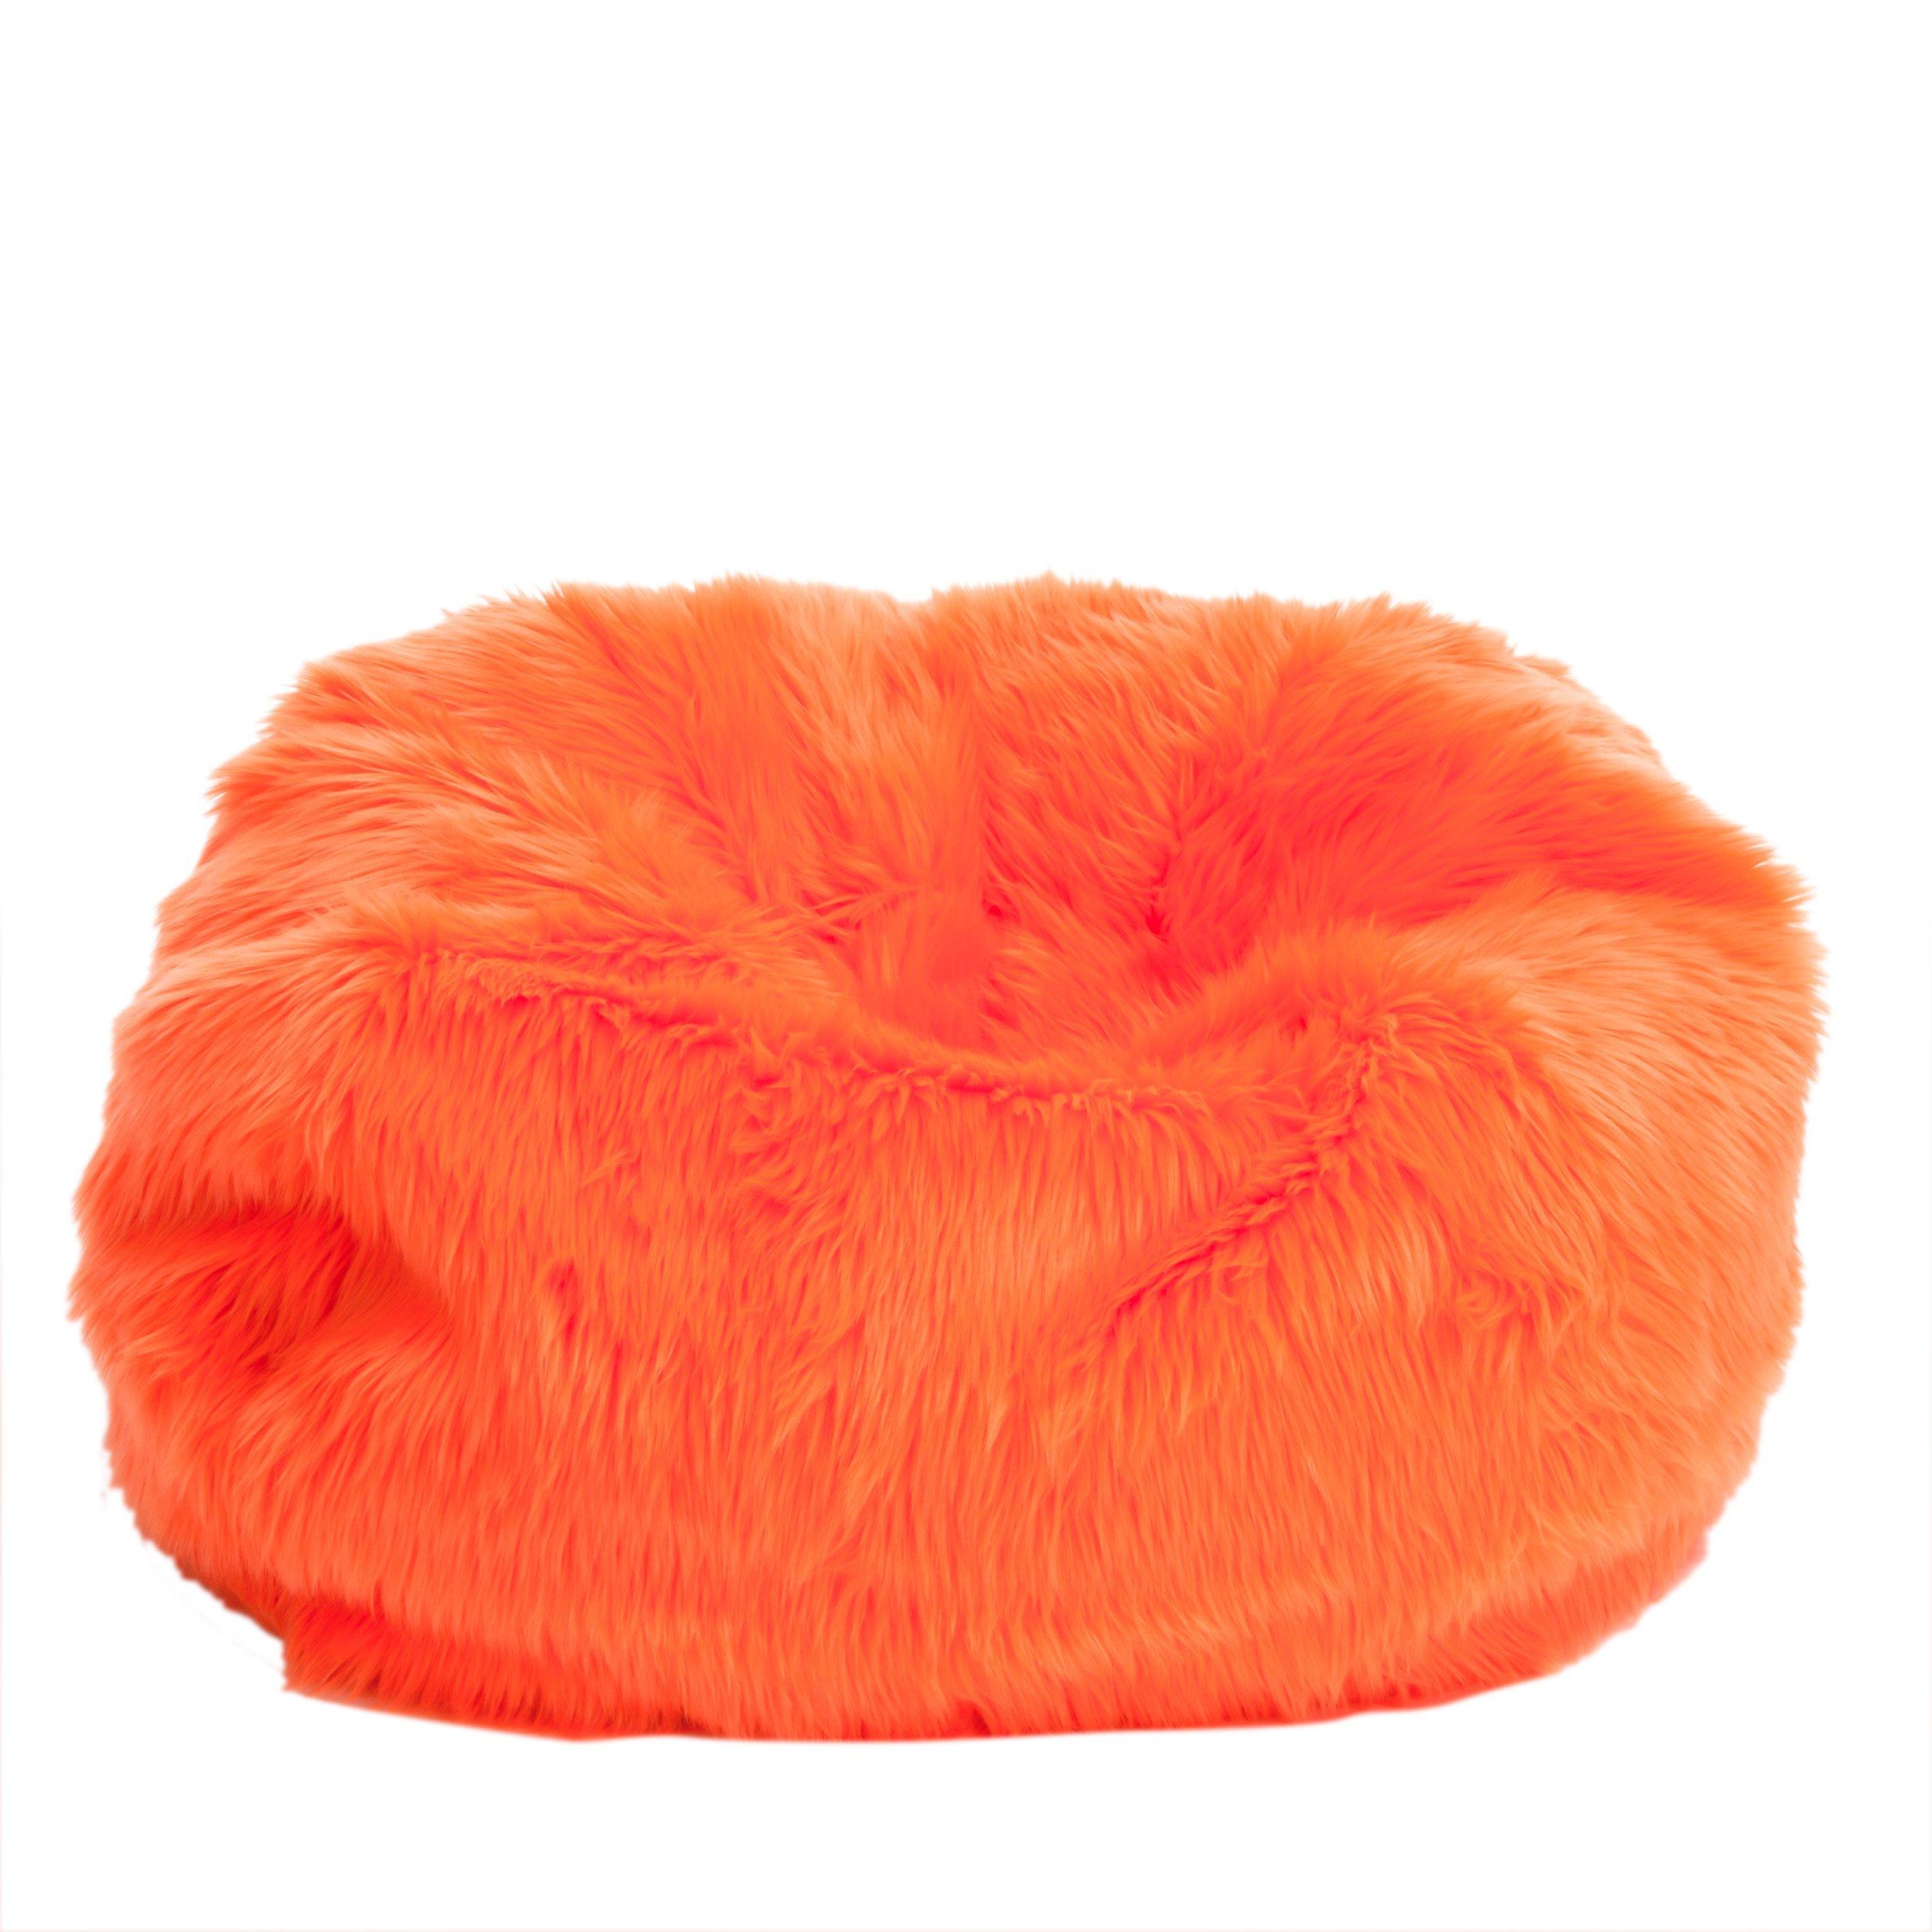 Le Pouf Fur Bean Bag for Children, Neon Orange